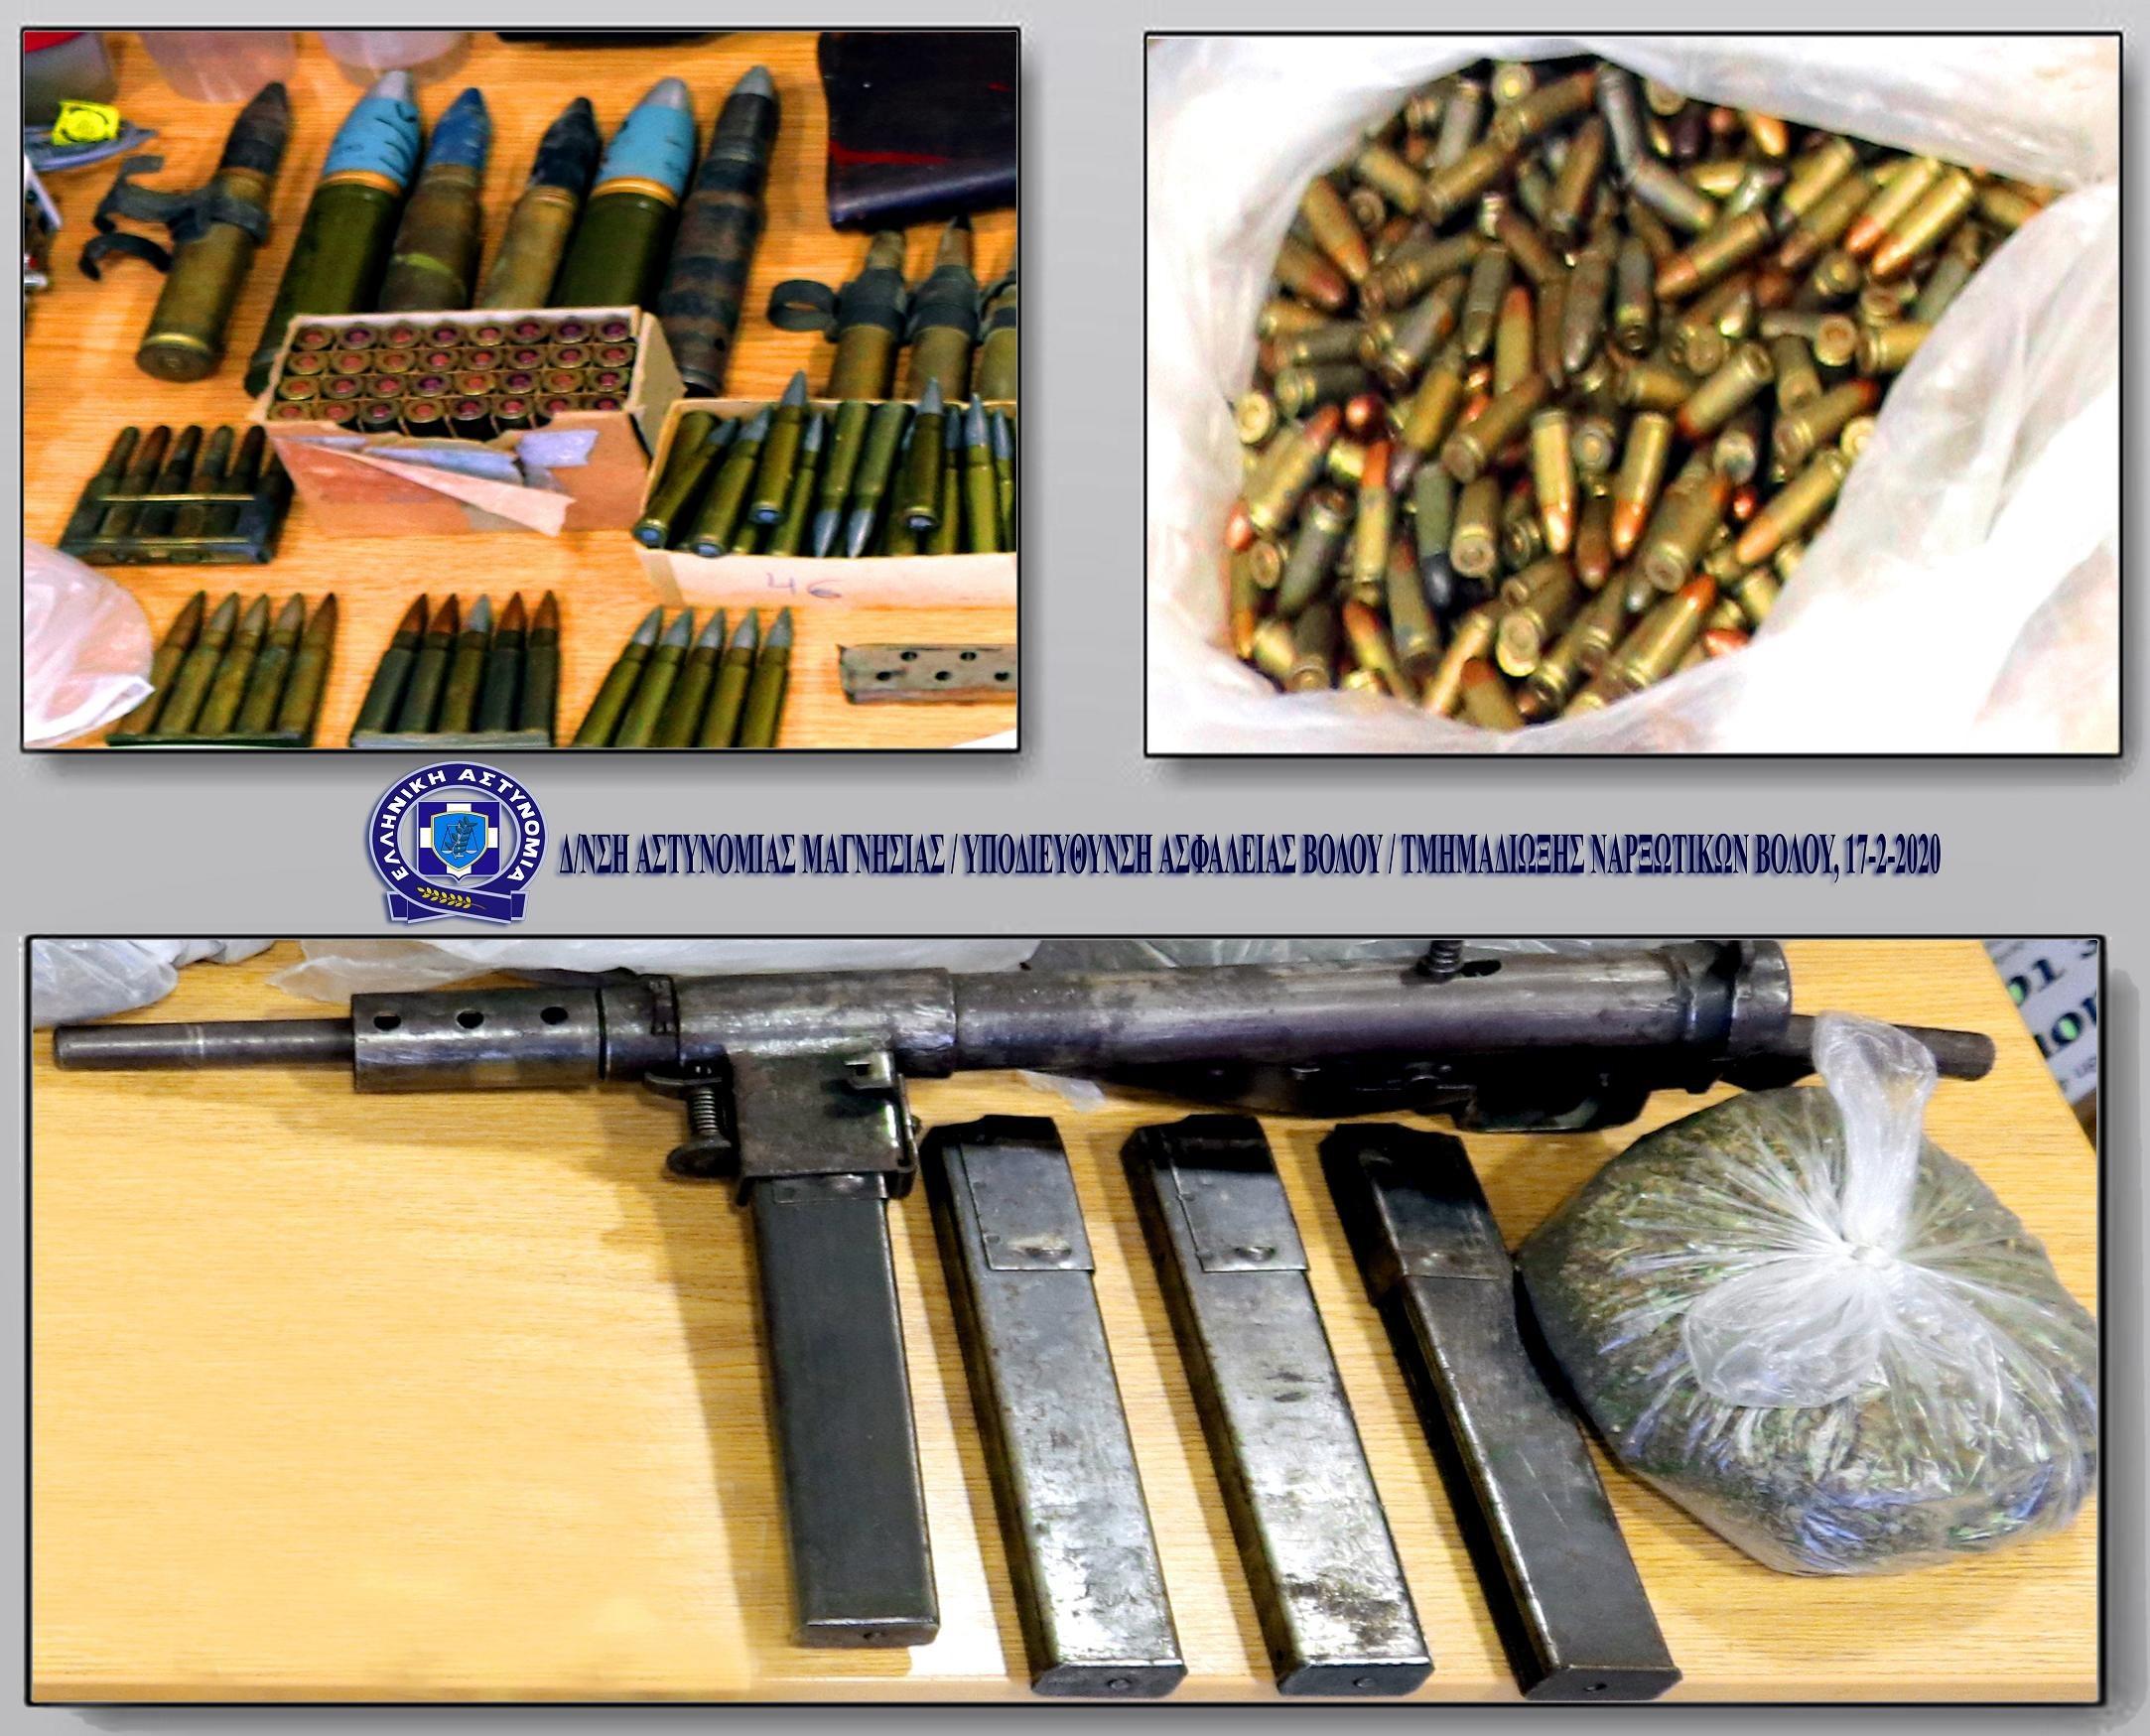 Μαγνησία: Οι εξηγήσεις της παίκτριας ελληνικού ριάλιτι που συνελήφθη για ναρκωτικά και όπλα (Φωτό)